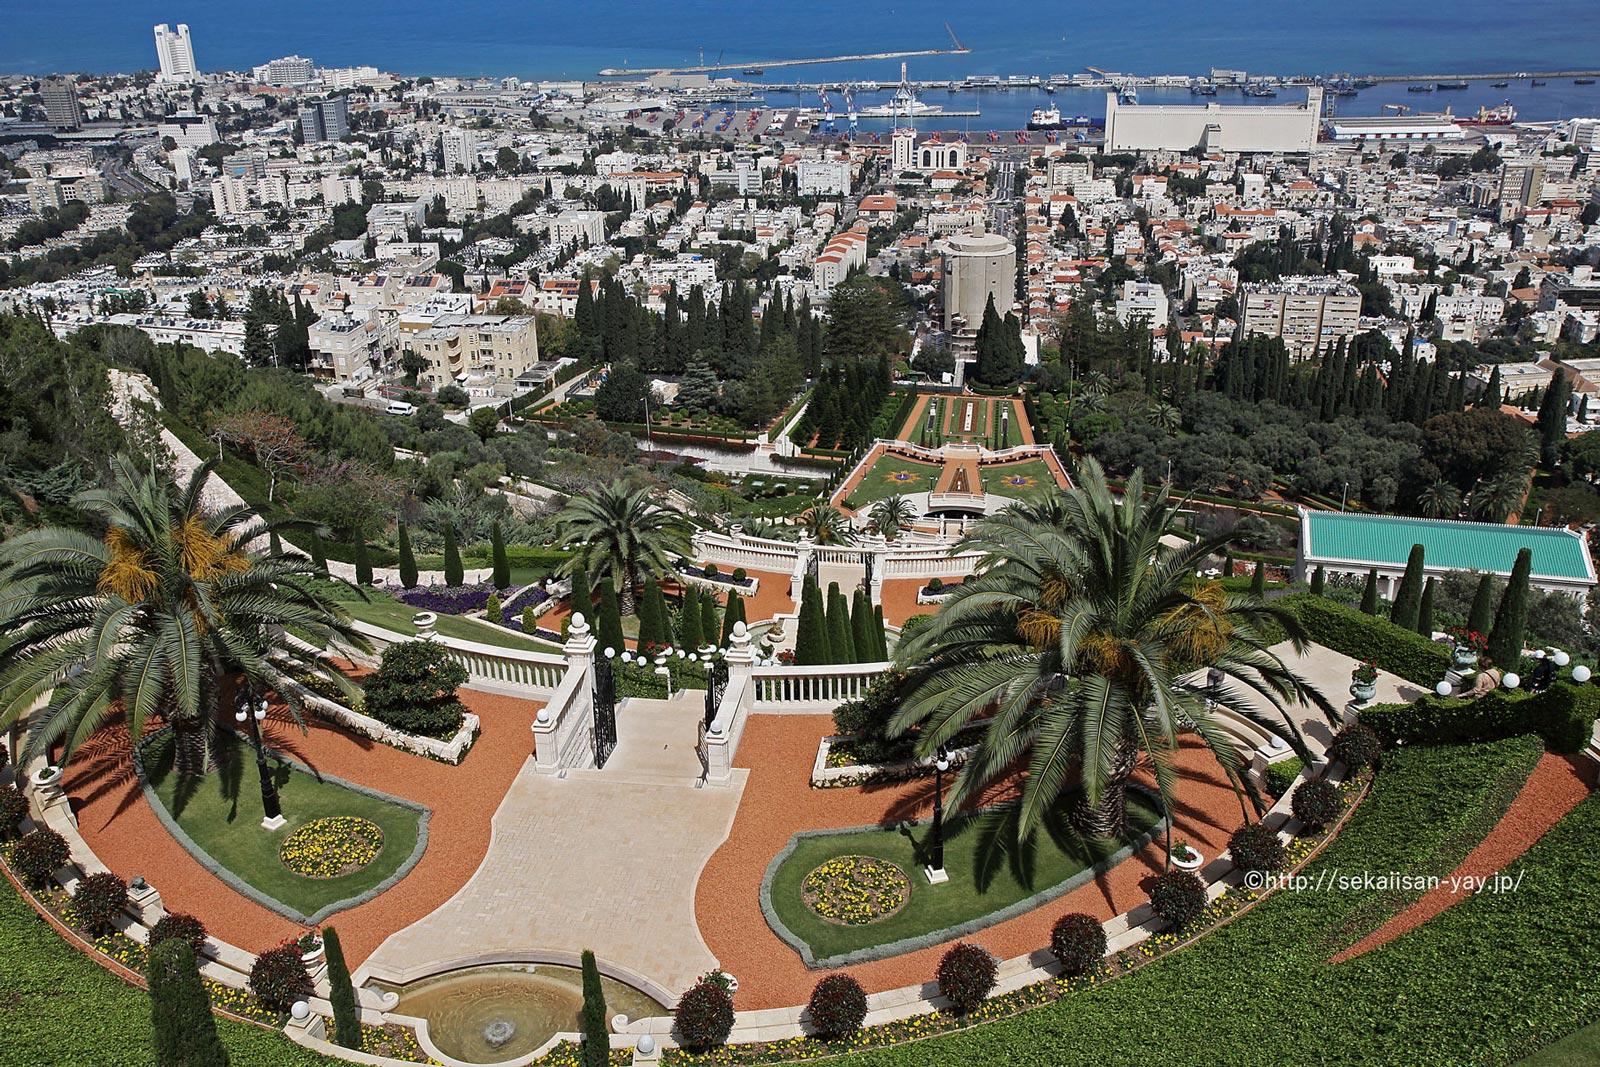 イスラエル「ハイファ及び西ガリラヤ地方のバハイ聖地群」- ハイファのバハイ庭園&バーブ廟